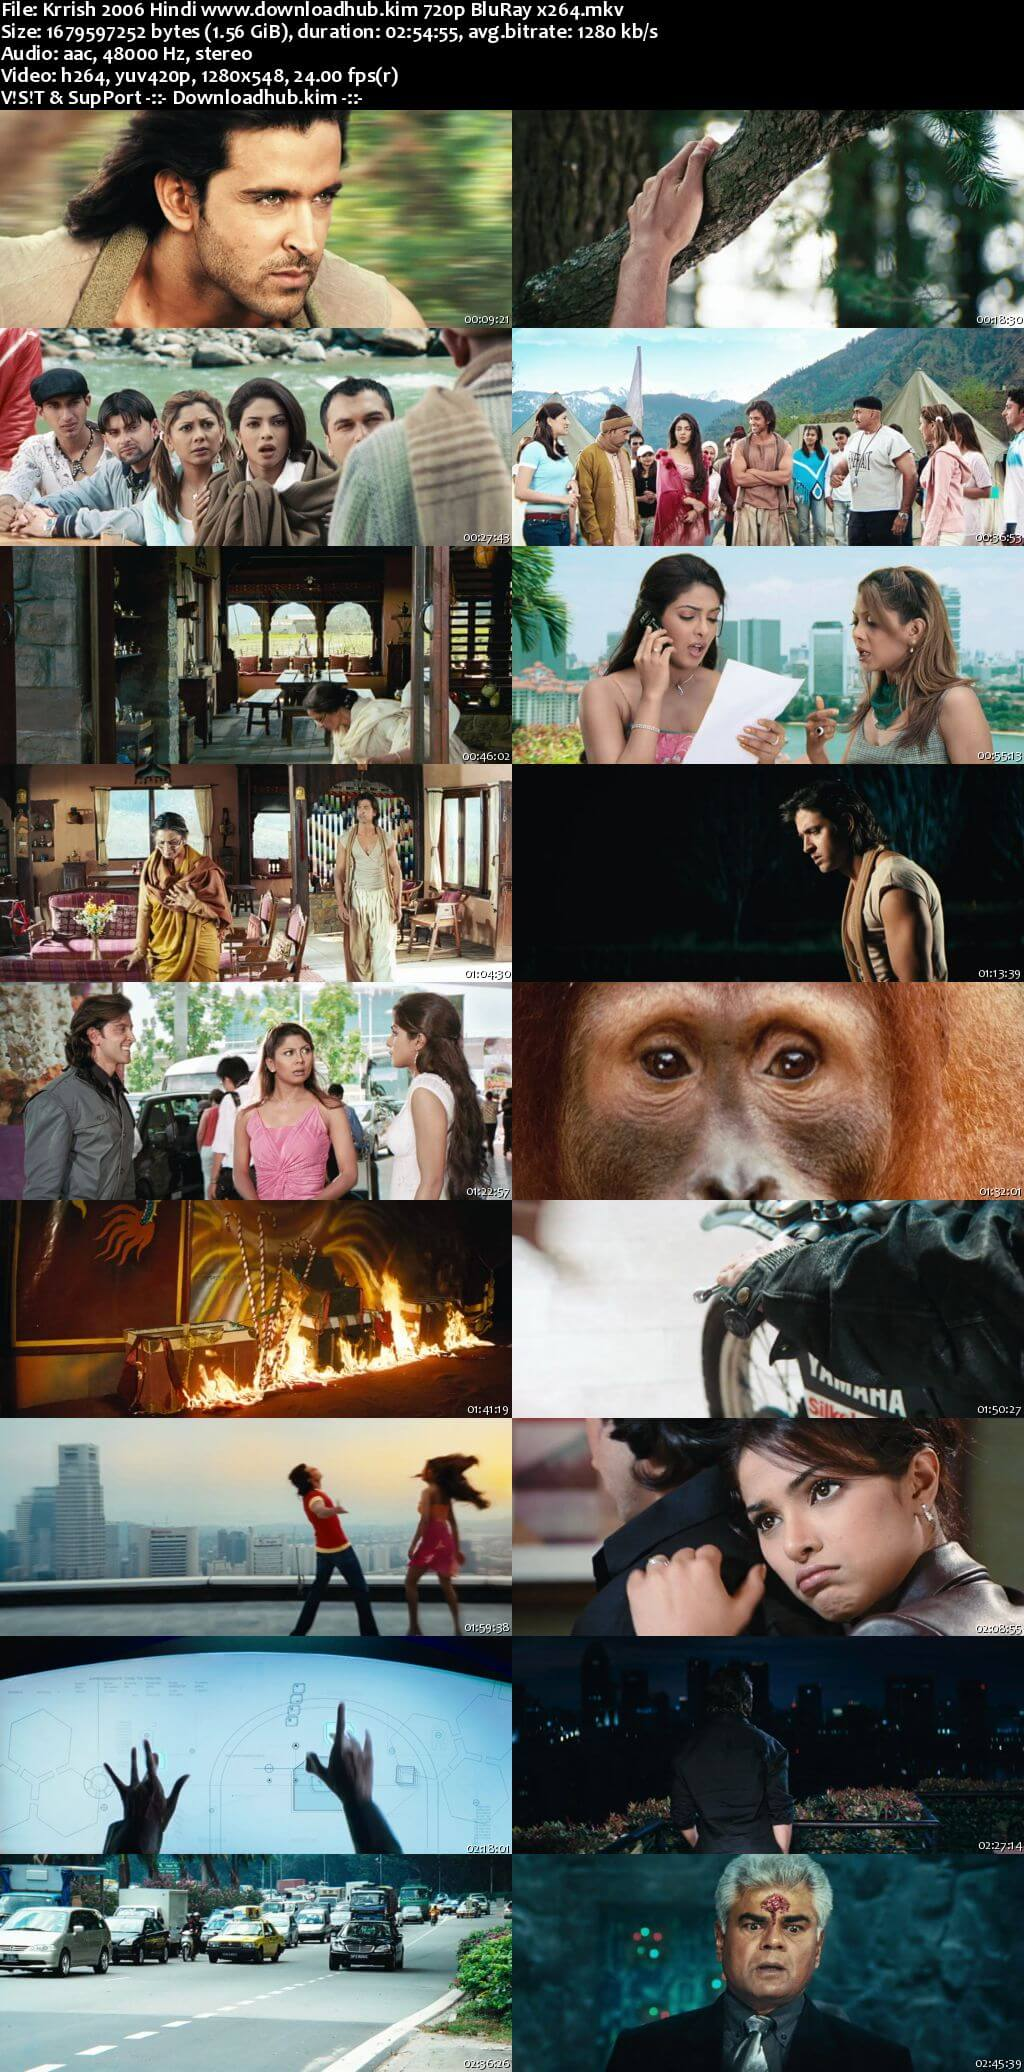 Krrish 2006 Hindi 720p BluRay x264